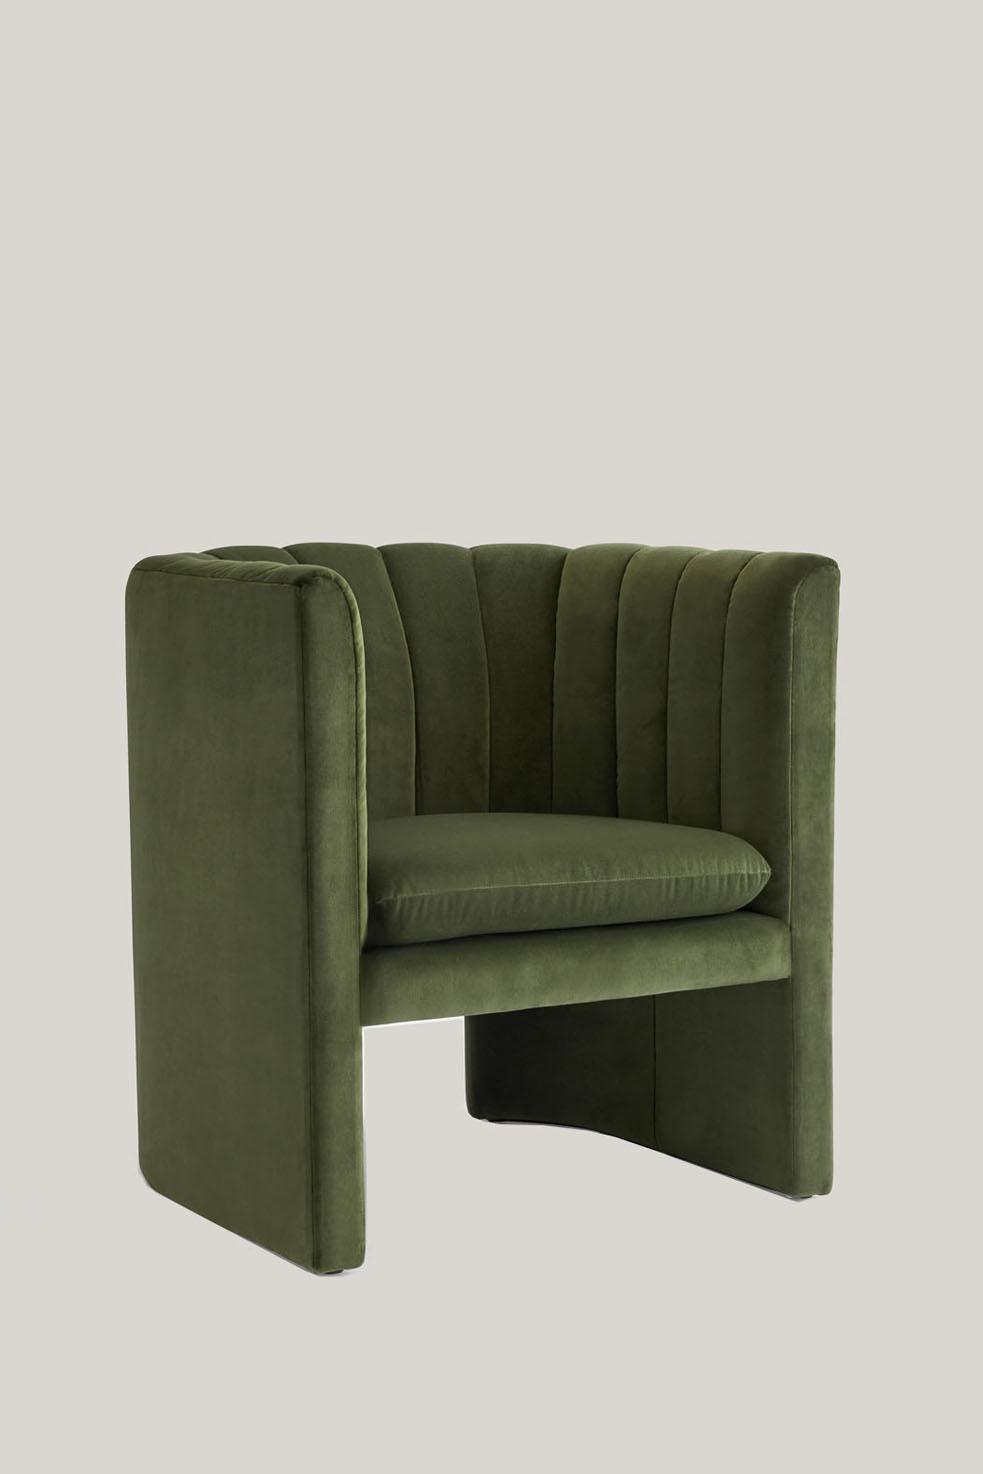 Loafer Chair SC23 Green Velvet